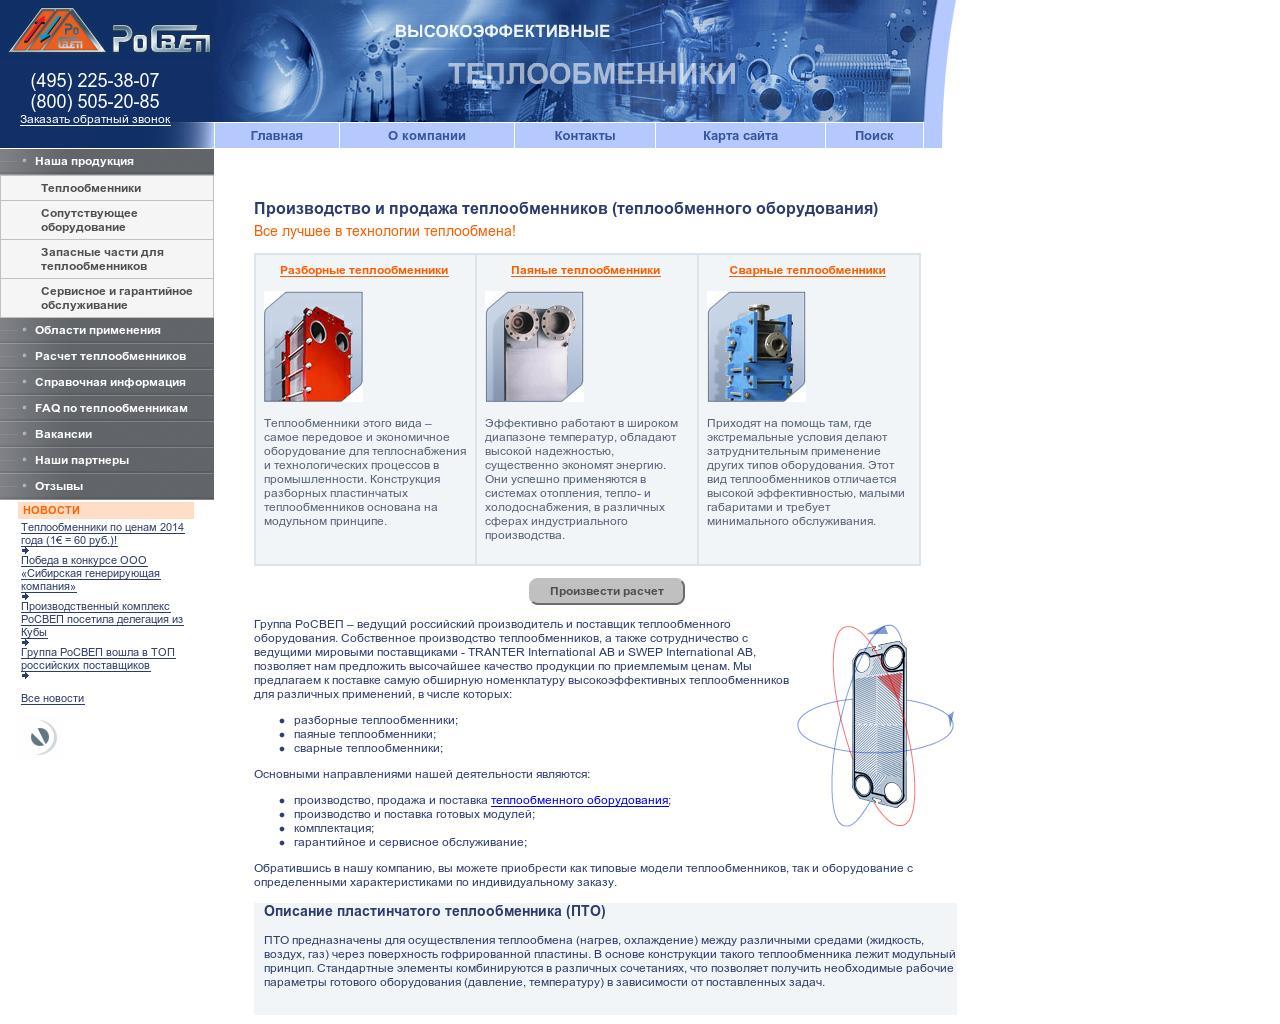 Сайт теплообменник ru расчет теплообменника труба в трбе